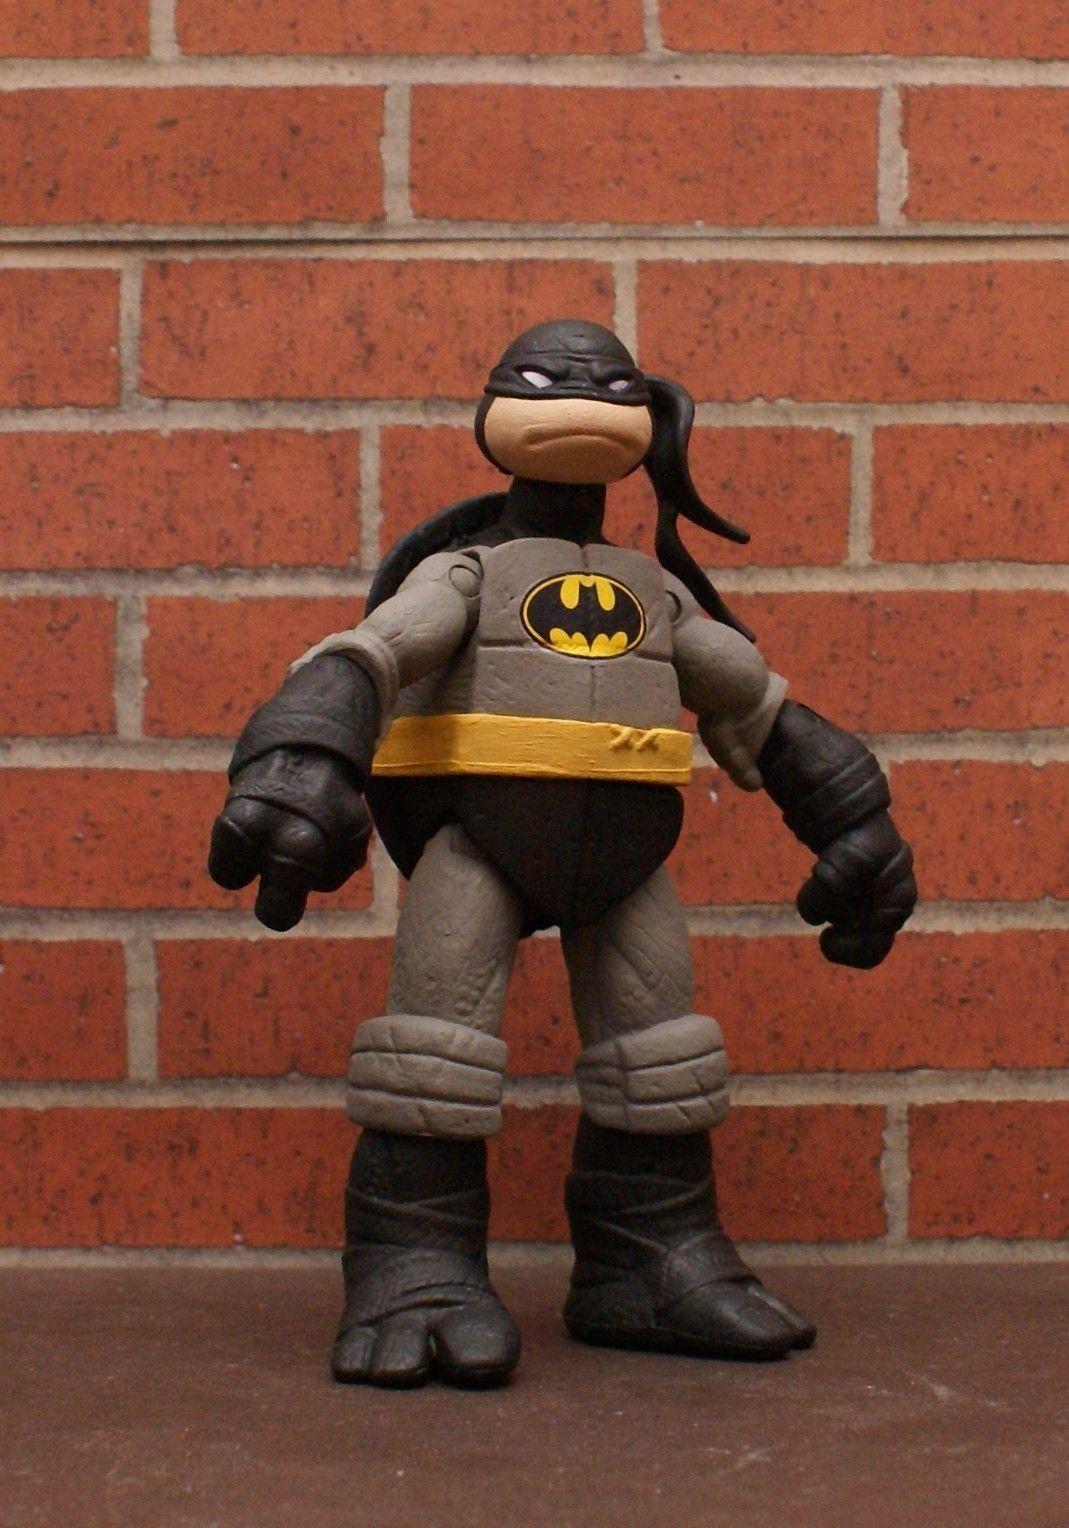 Batman And Tmnt Figures : batman, figures, Sweet, TMNT/Batman, Custom, Batman, Funny,, Tmnt,, Action, Figures